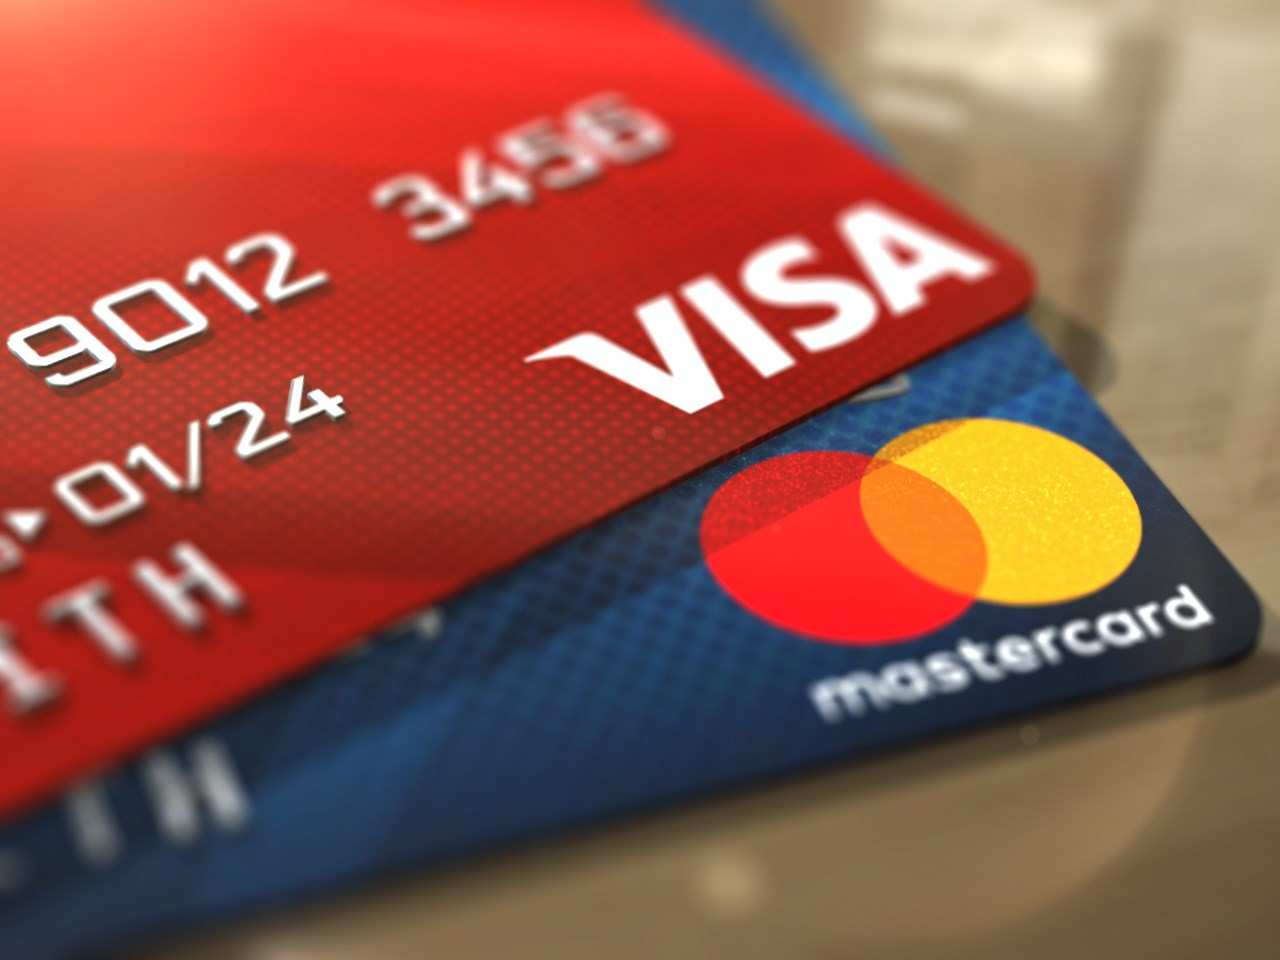 Thẻ tín dụng quốc tế là gì? Loại thẻ tín dụng quốc tế nào tốt nhất